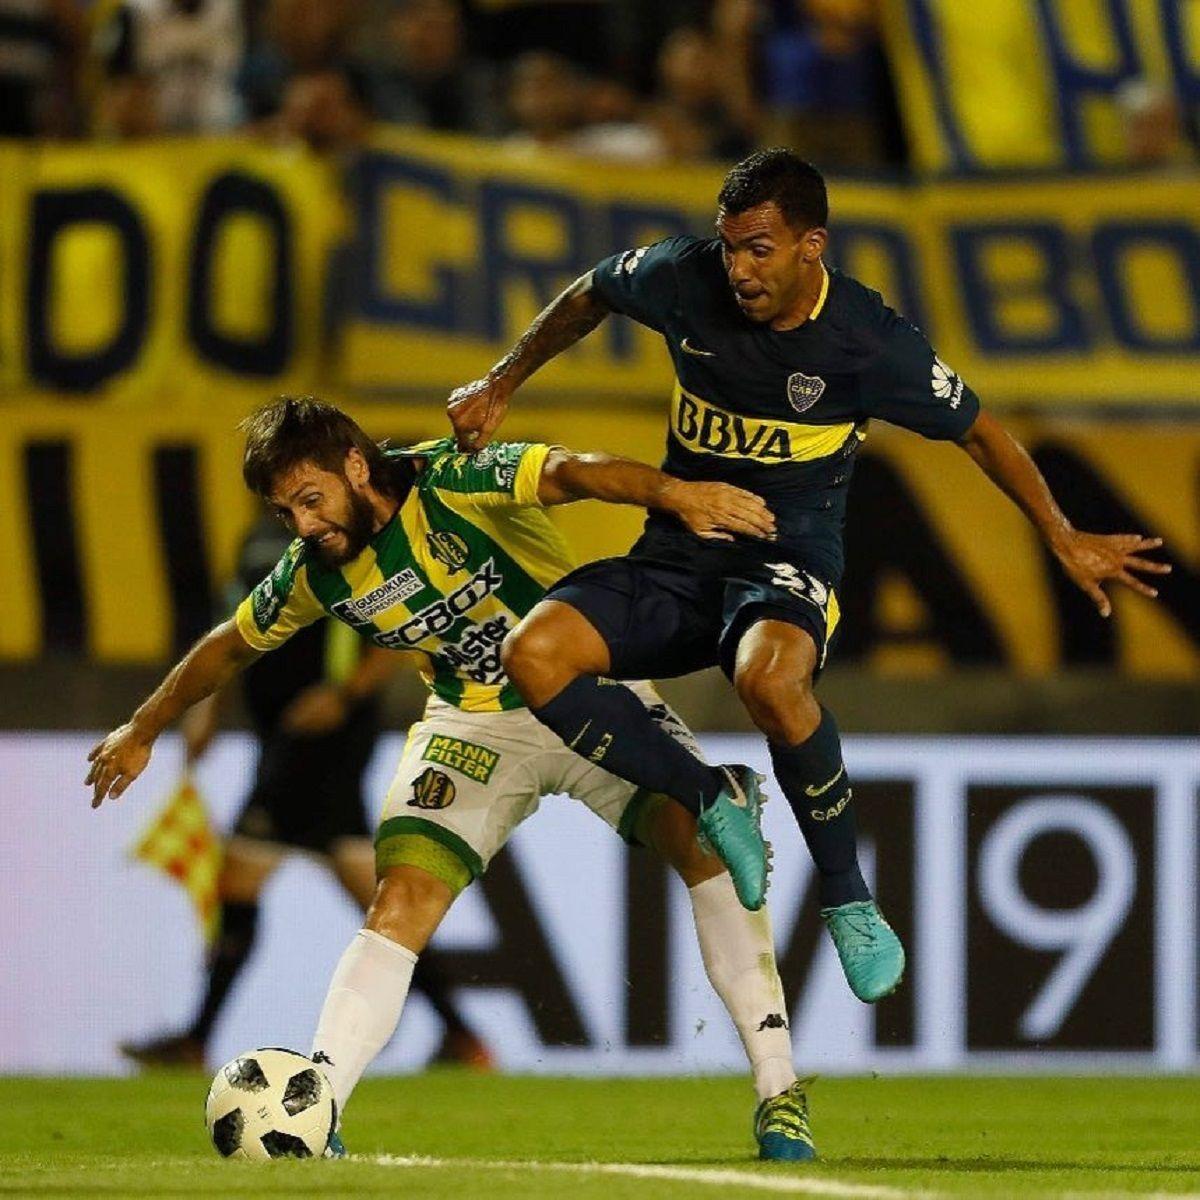 Tevez vuelve a jugar en Boca tras un año en el fútbol de China